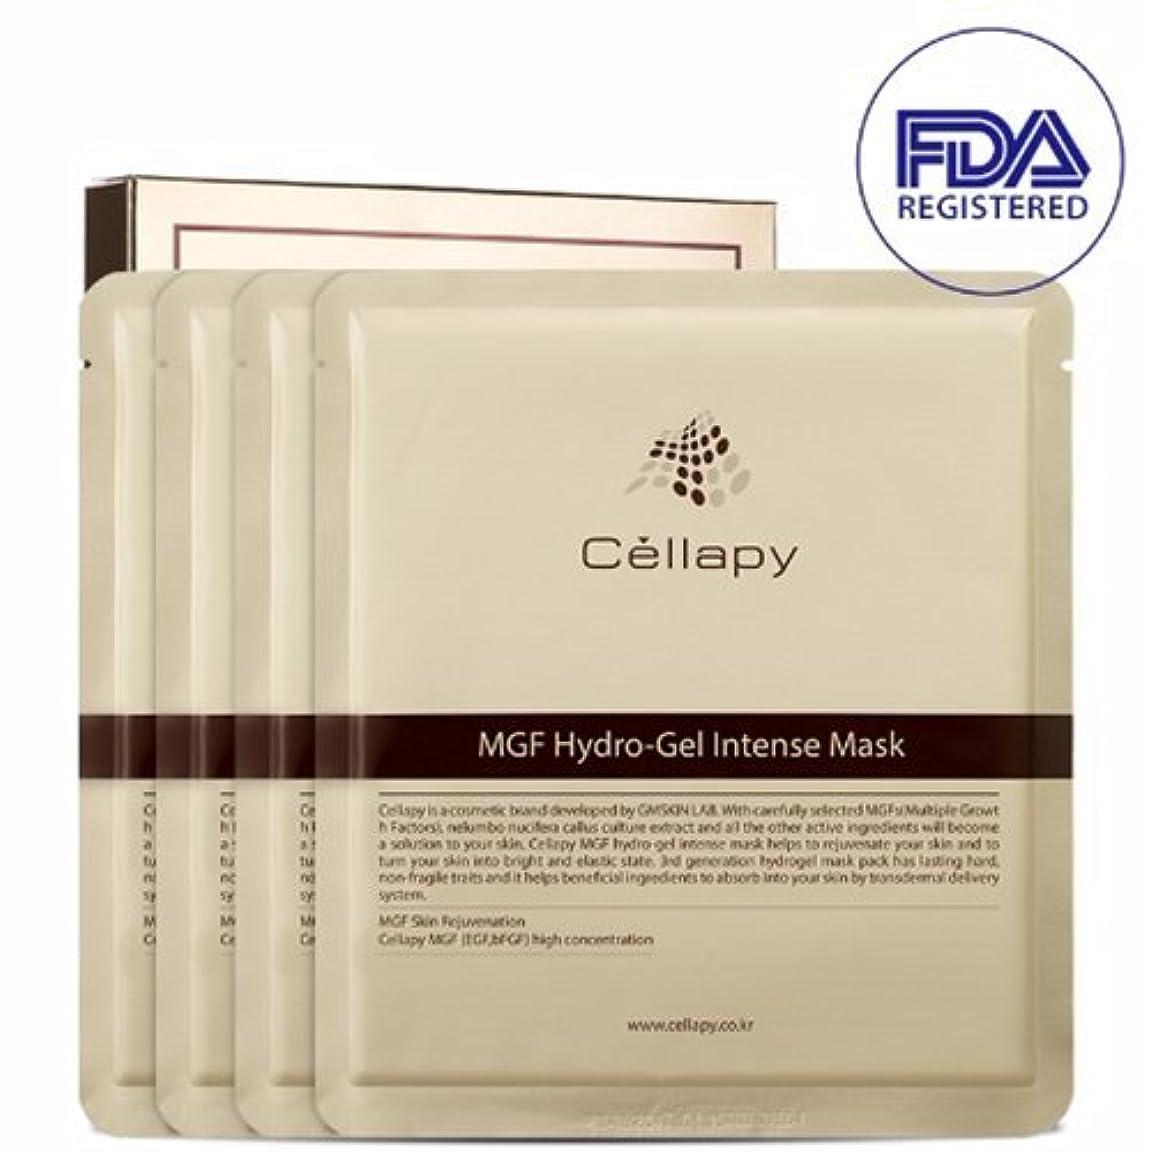 嫌なツーリストさておきセルラピ MGFハイドロゲルインテンスマスクシート25g*4枚セット[並行輸入品] / Cellapy MGF Hydro-Gel Intense Mask Sheet 25g 4pcs Set for Irritable...